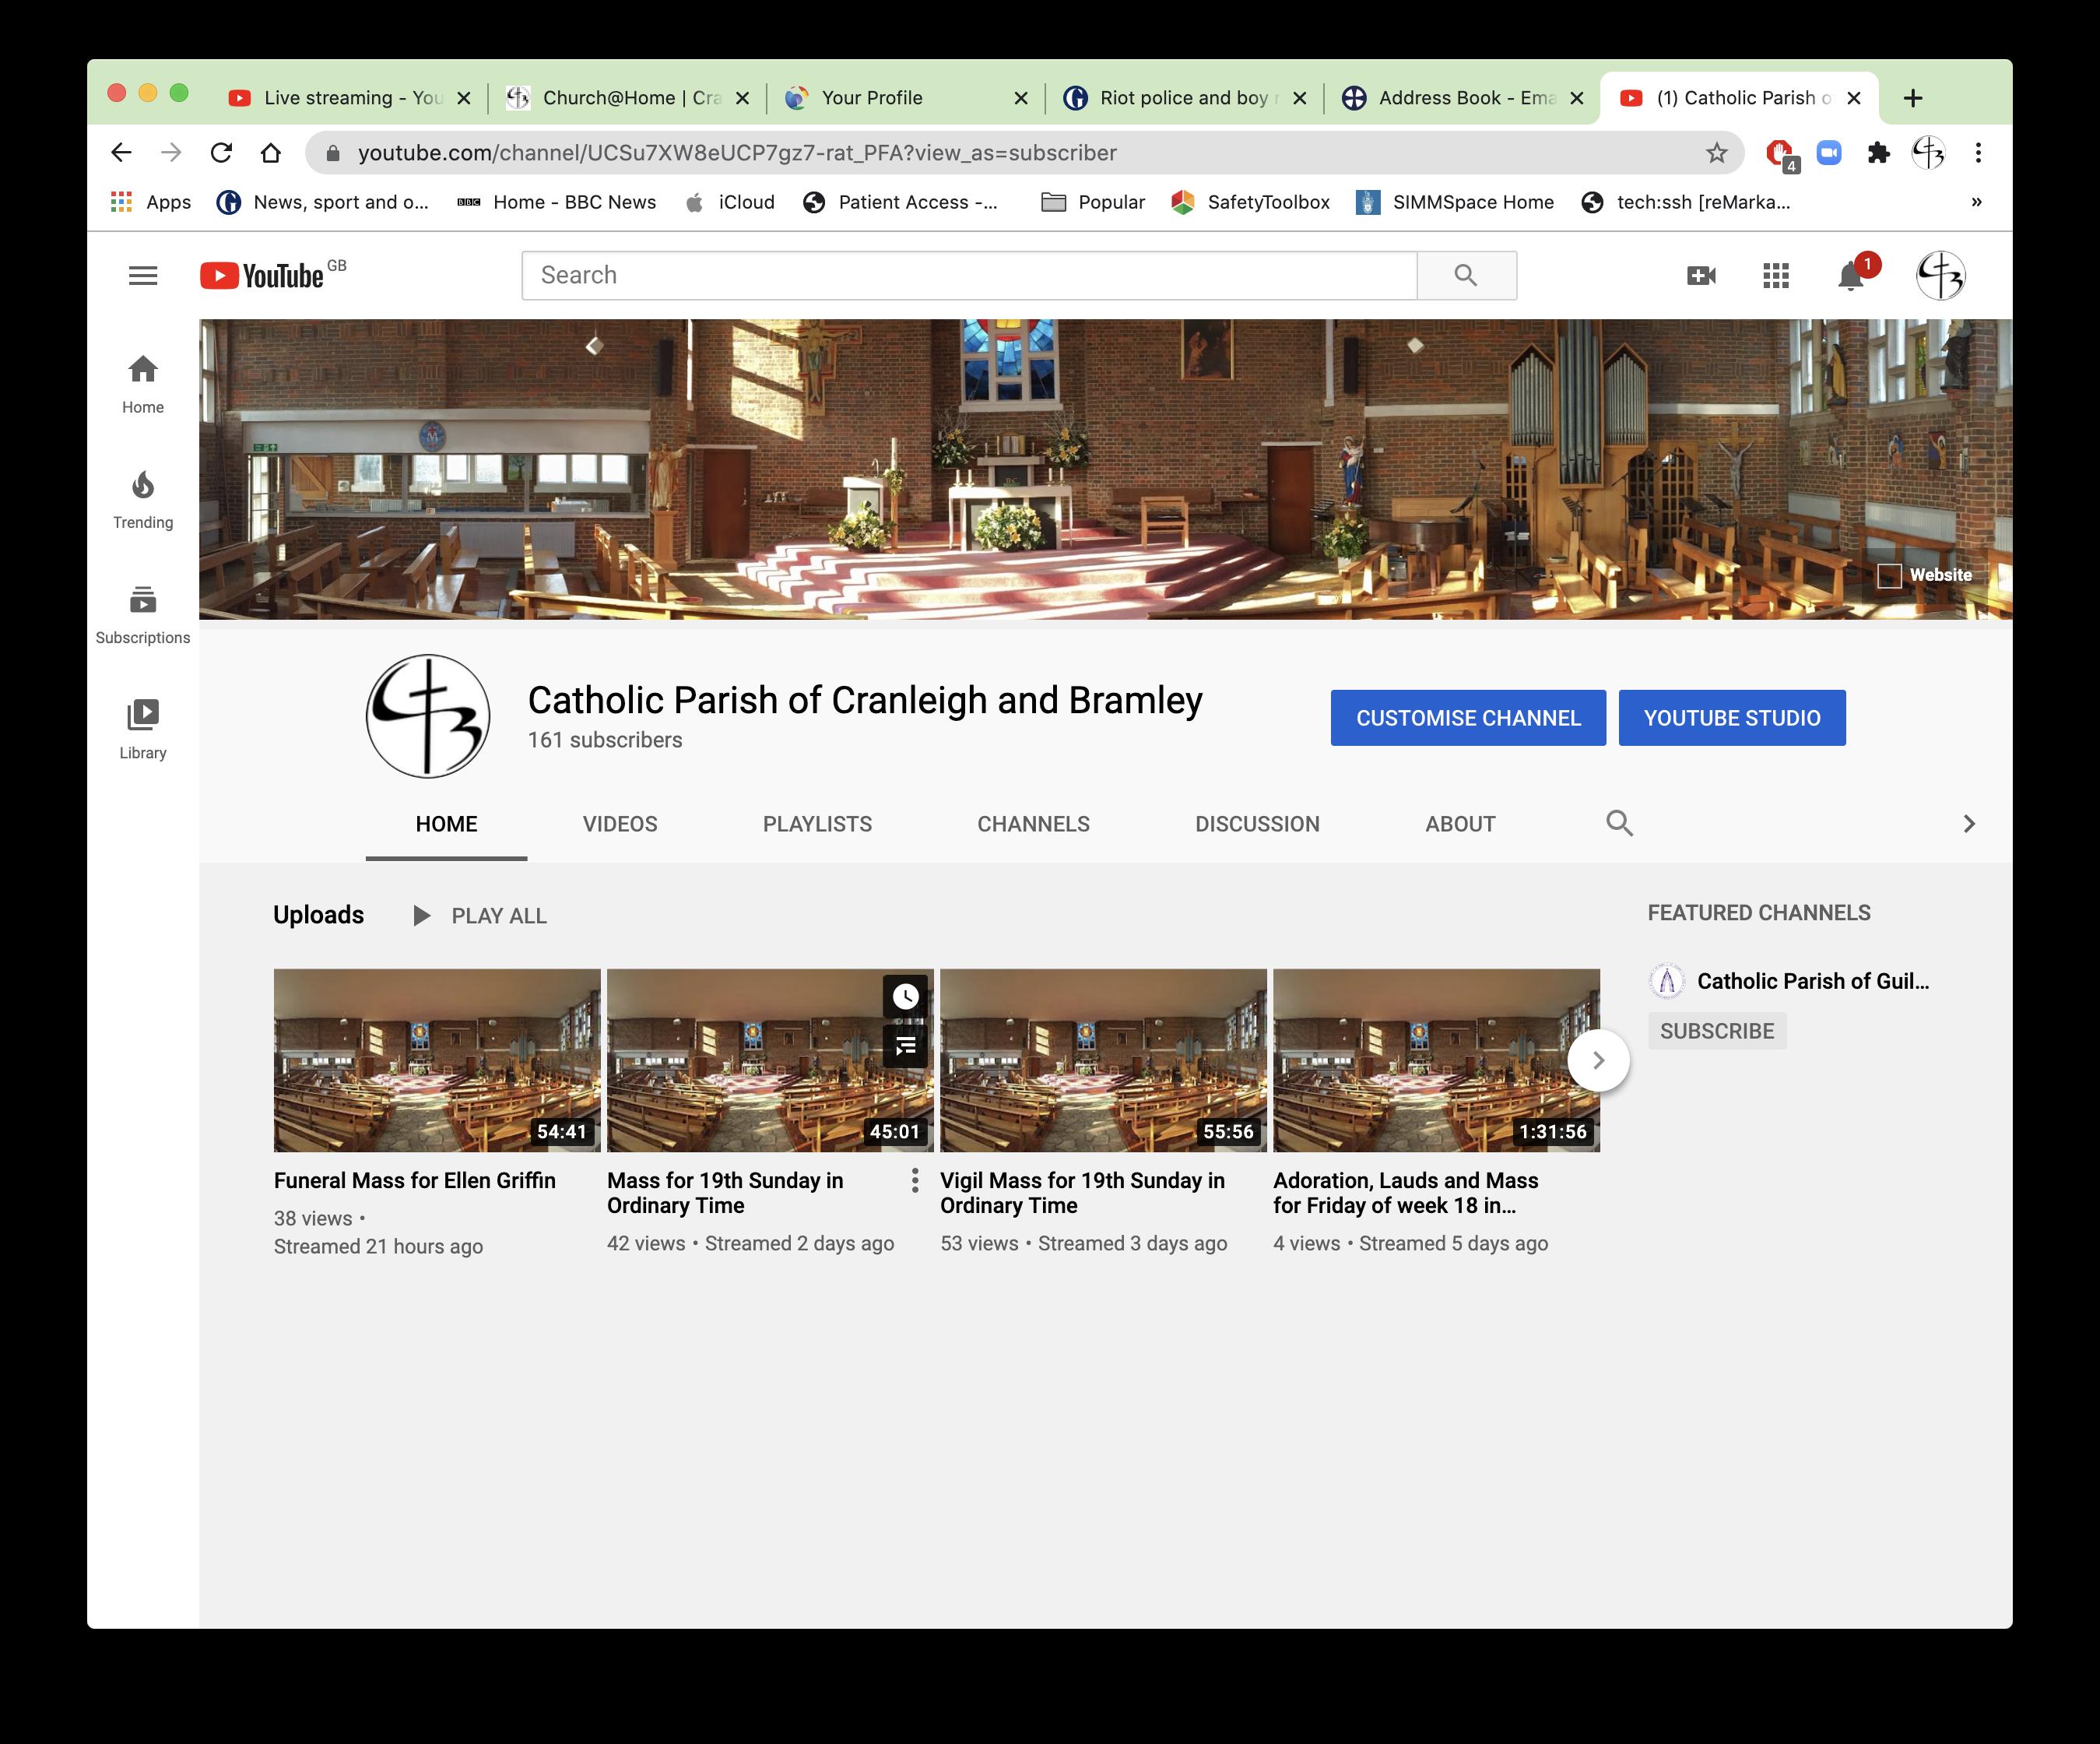 Screenshot 2020-08-12 at 10.47.25.png